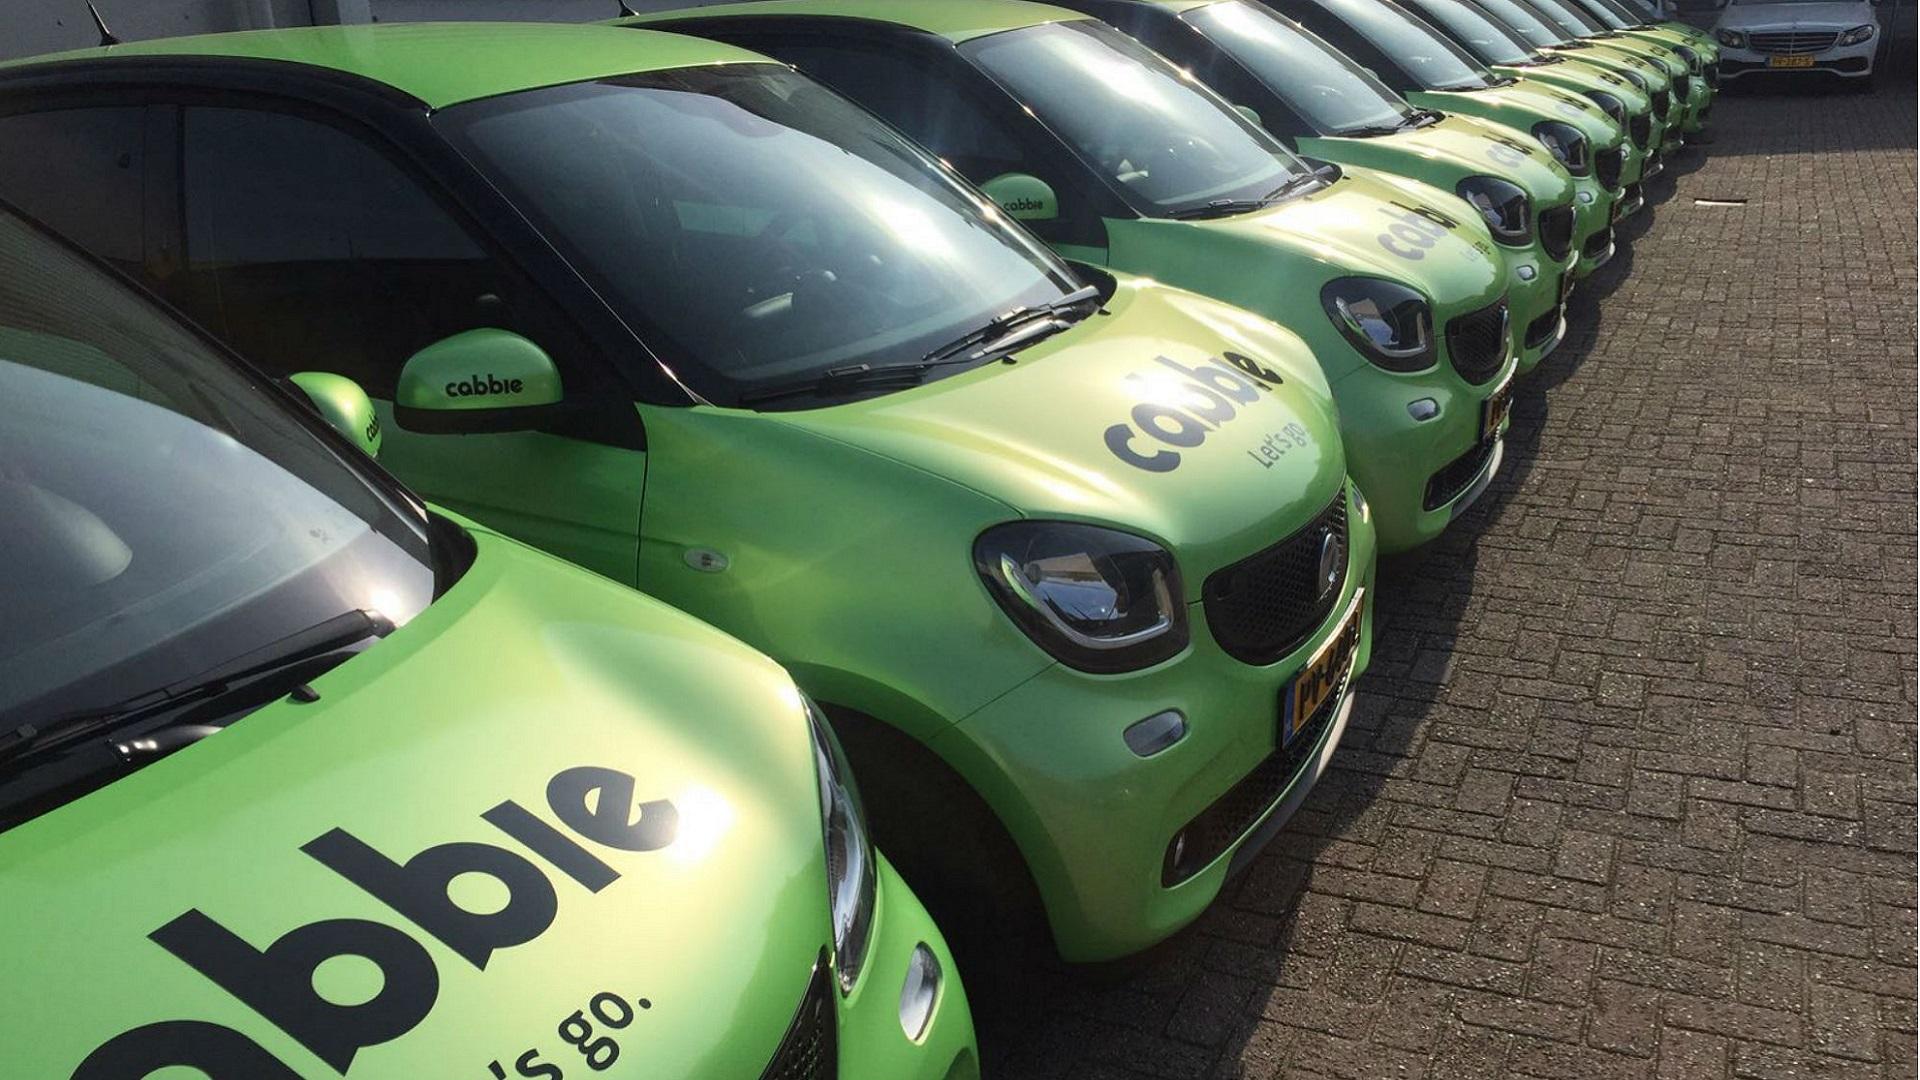 Coole Cabbie taxi's kleuren Amsterdam groen